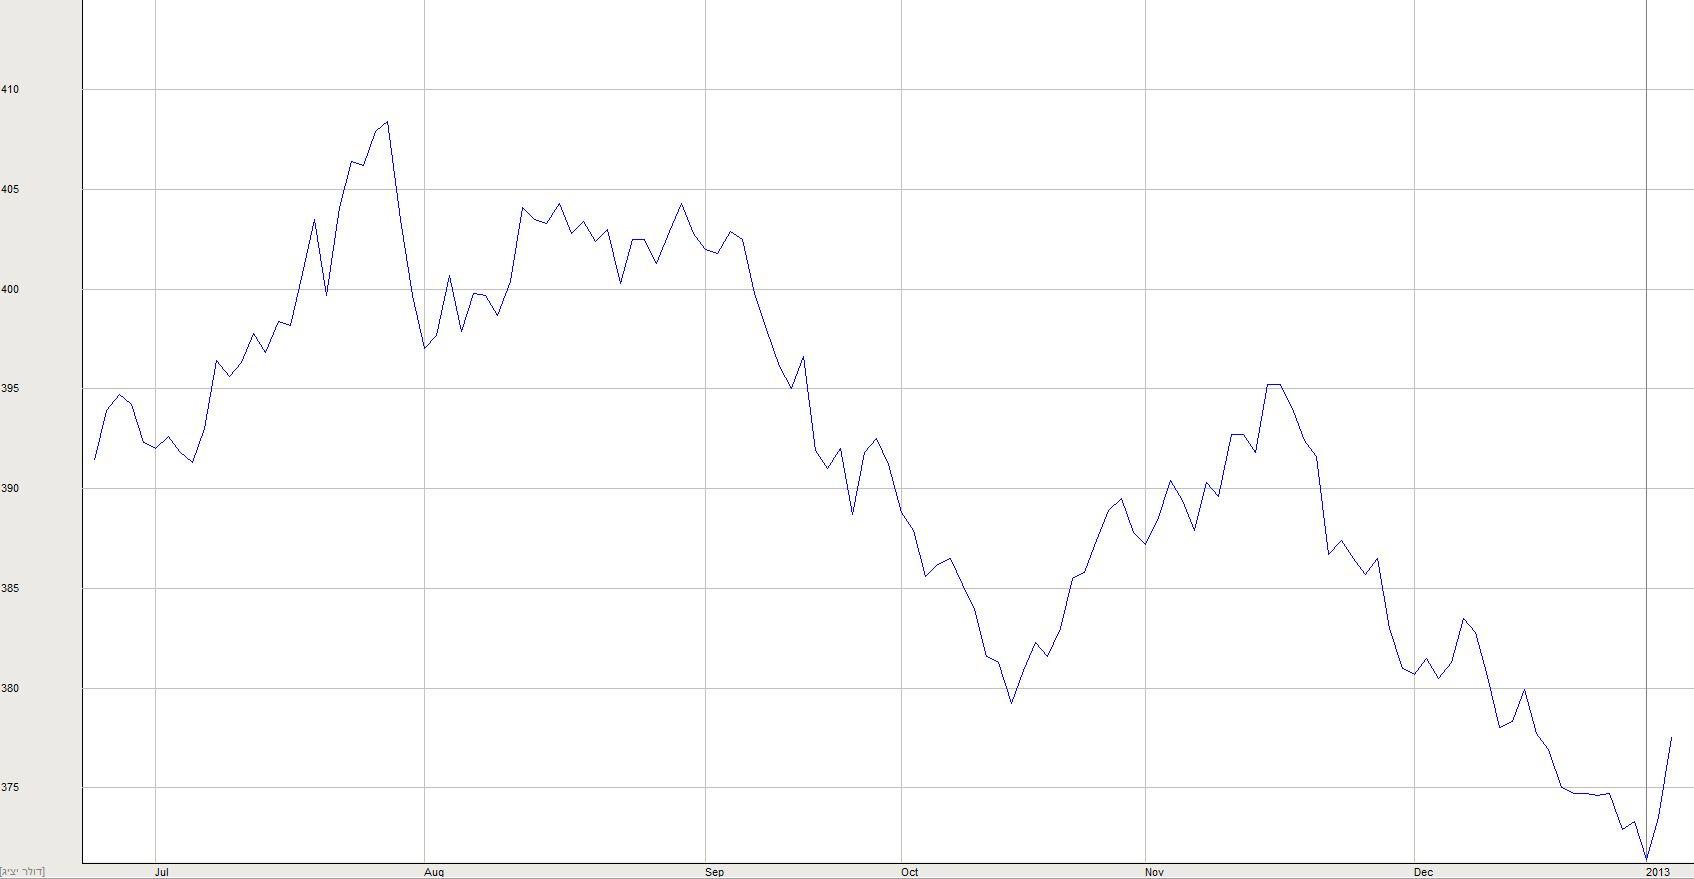 מטבע הדולר מול השקל מיולי 2012